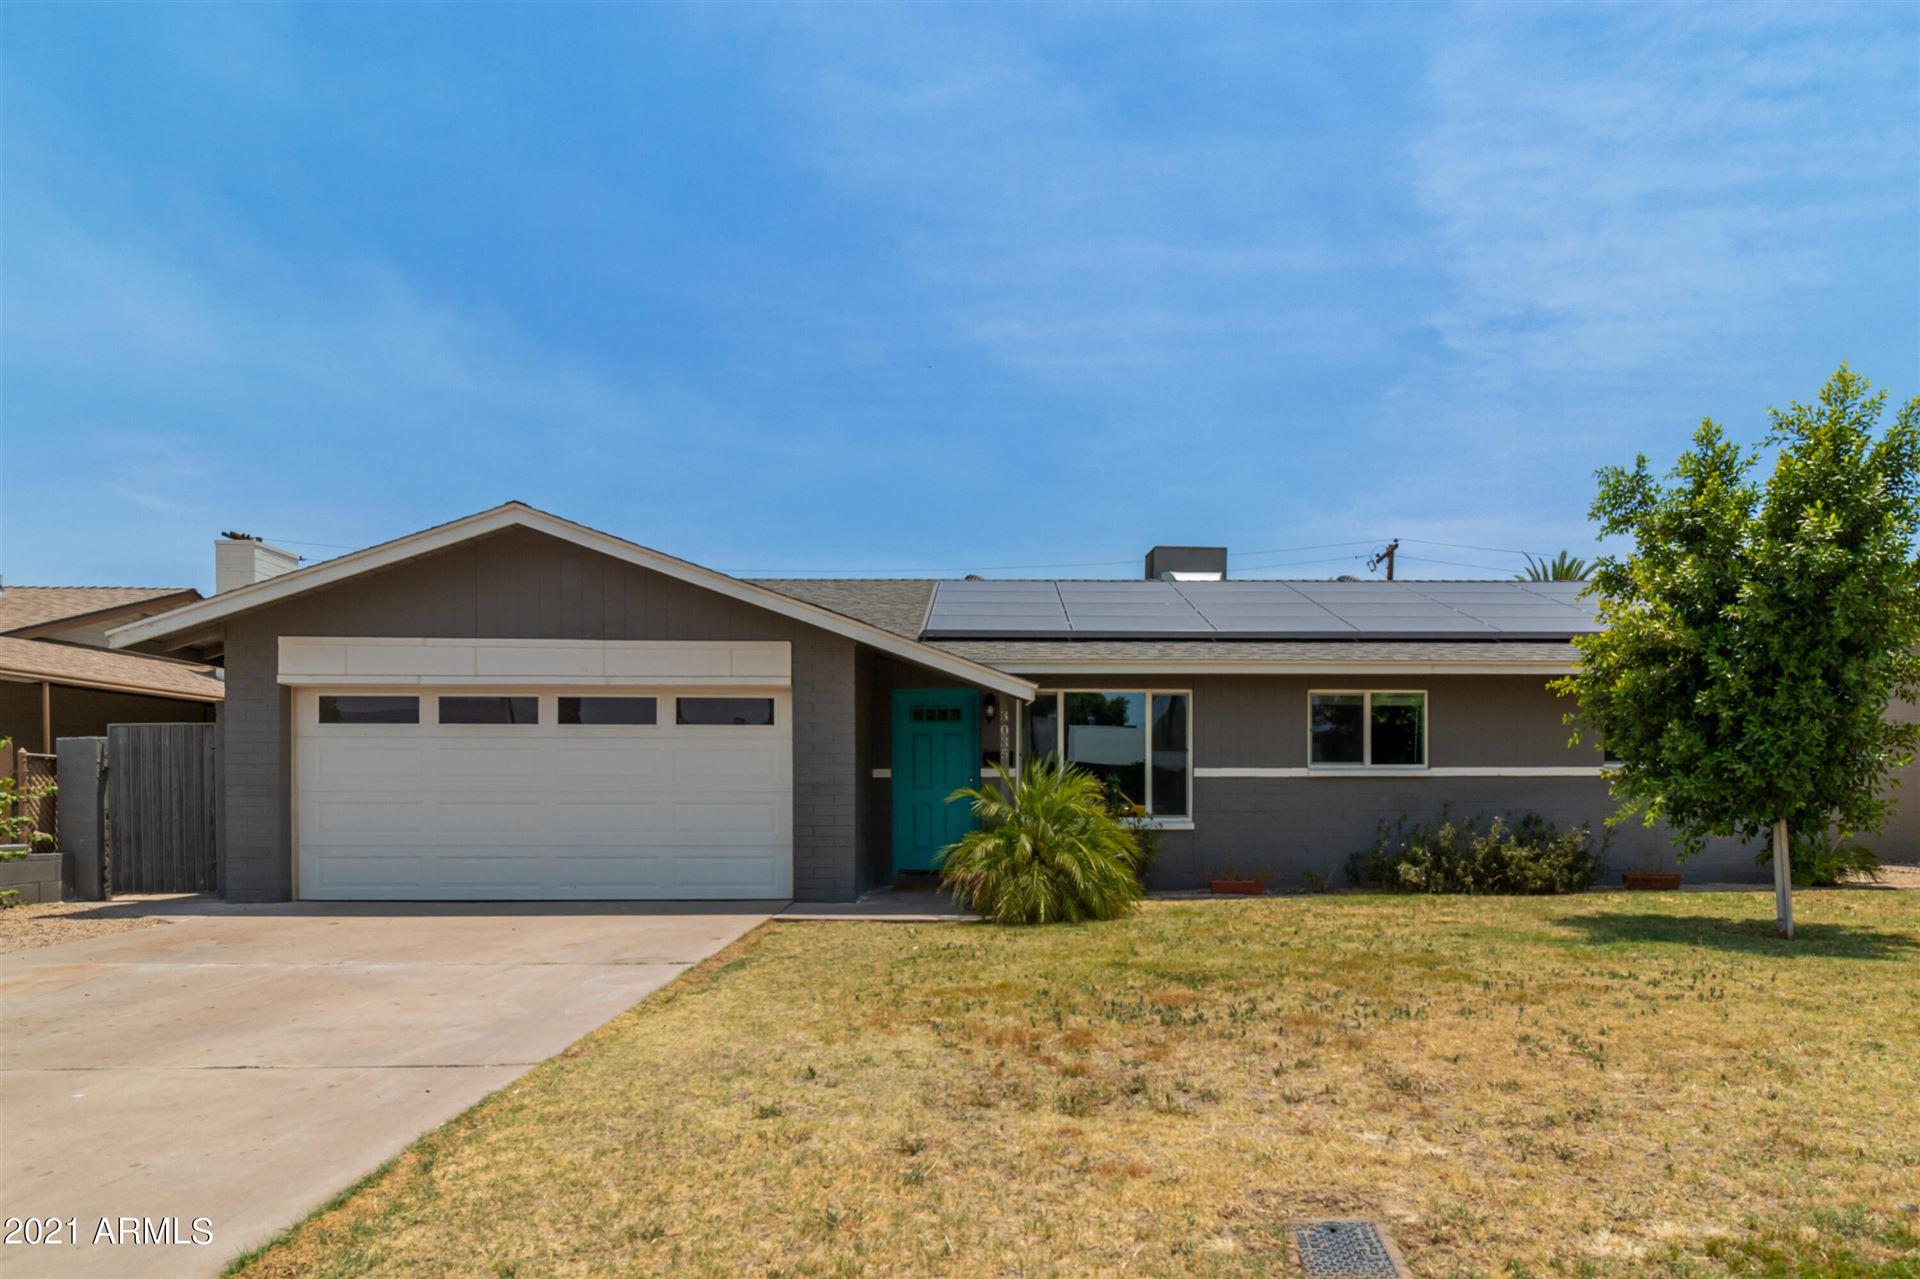 3035 S DROMEDARY Drive, Tempe, AZ 85282 - MLS#: 6251997